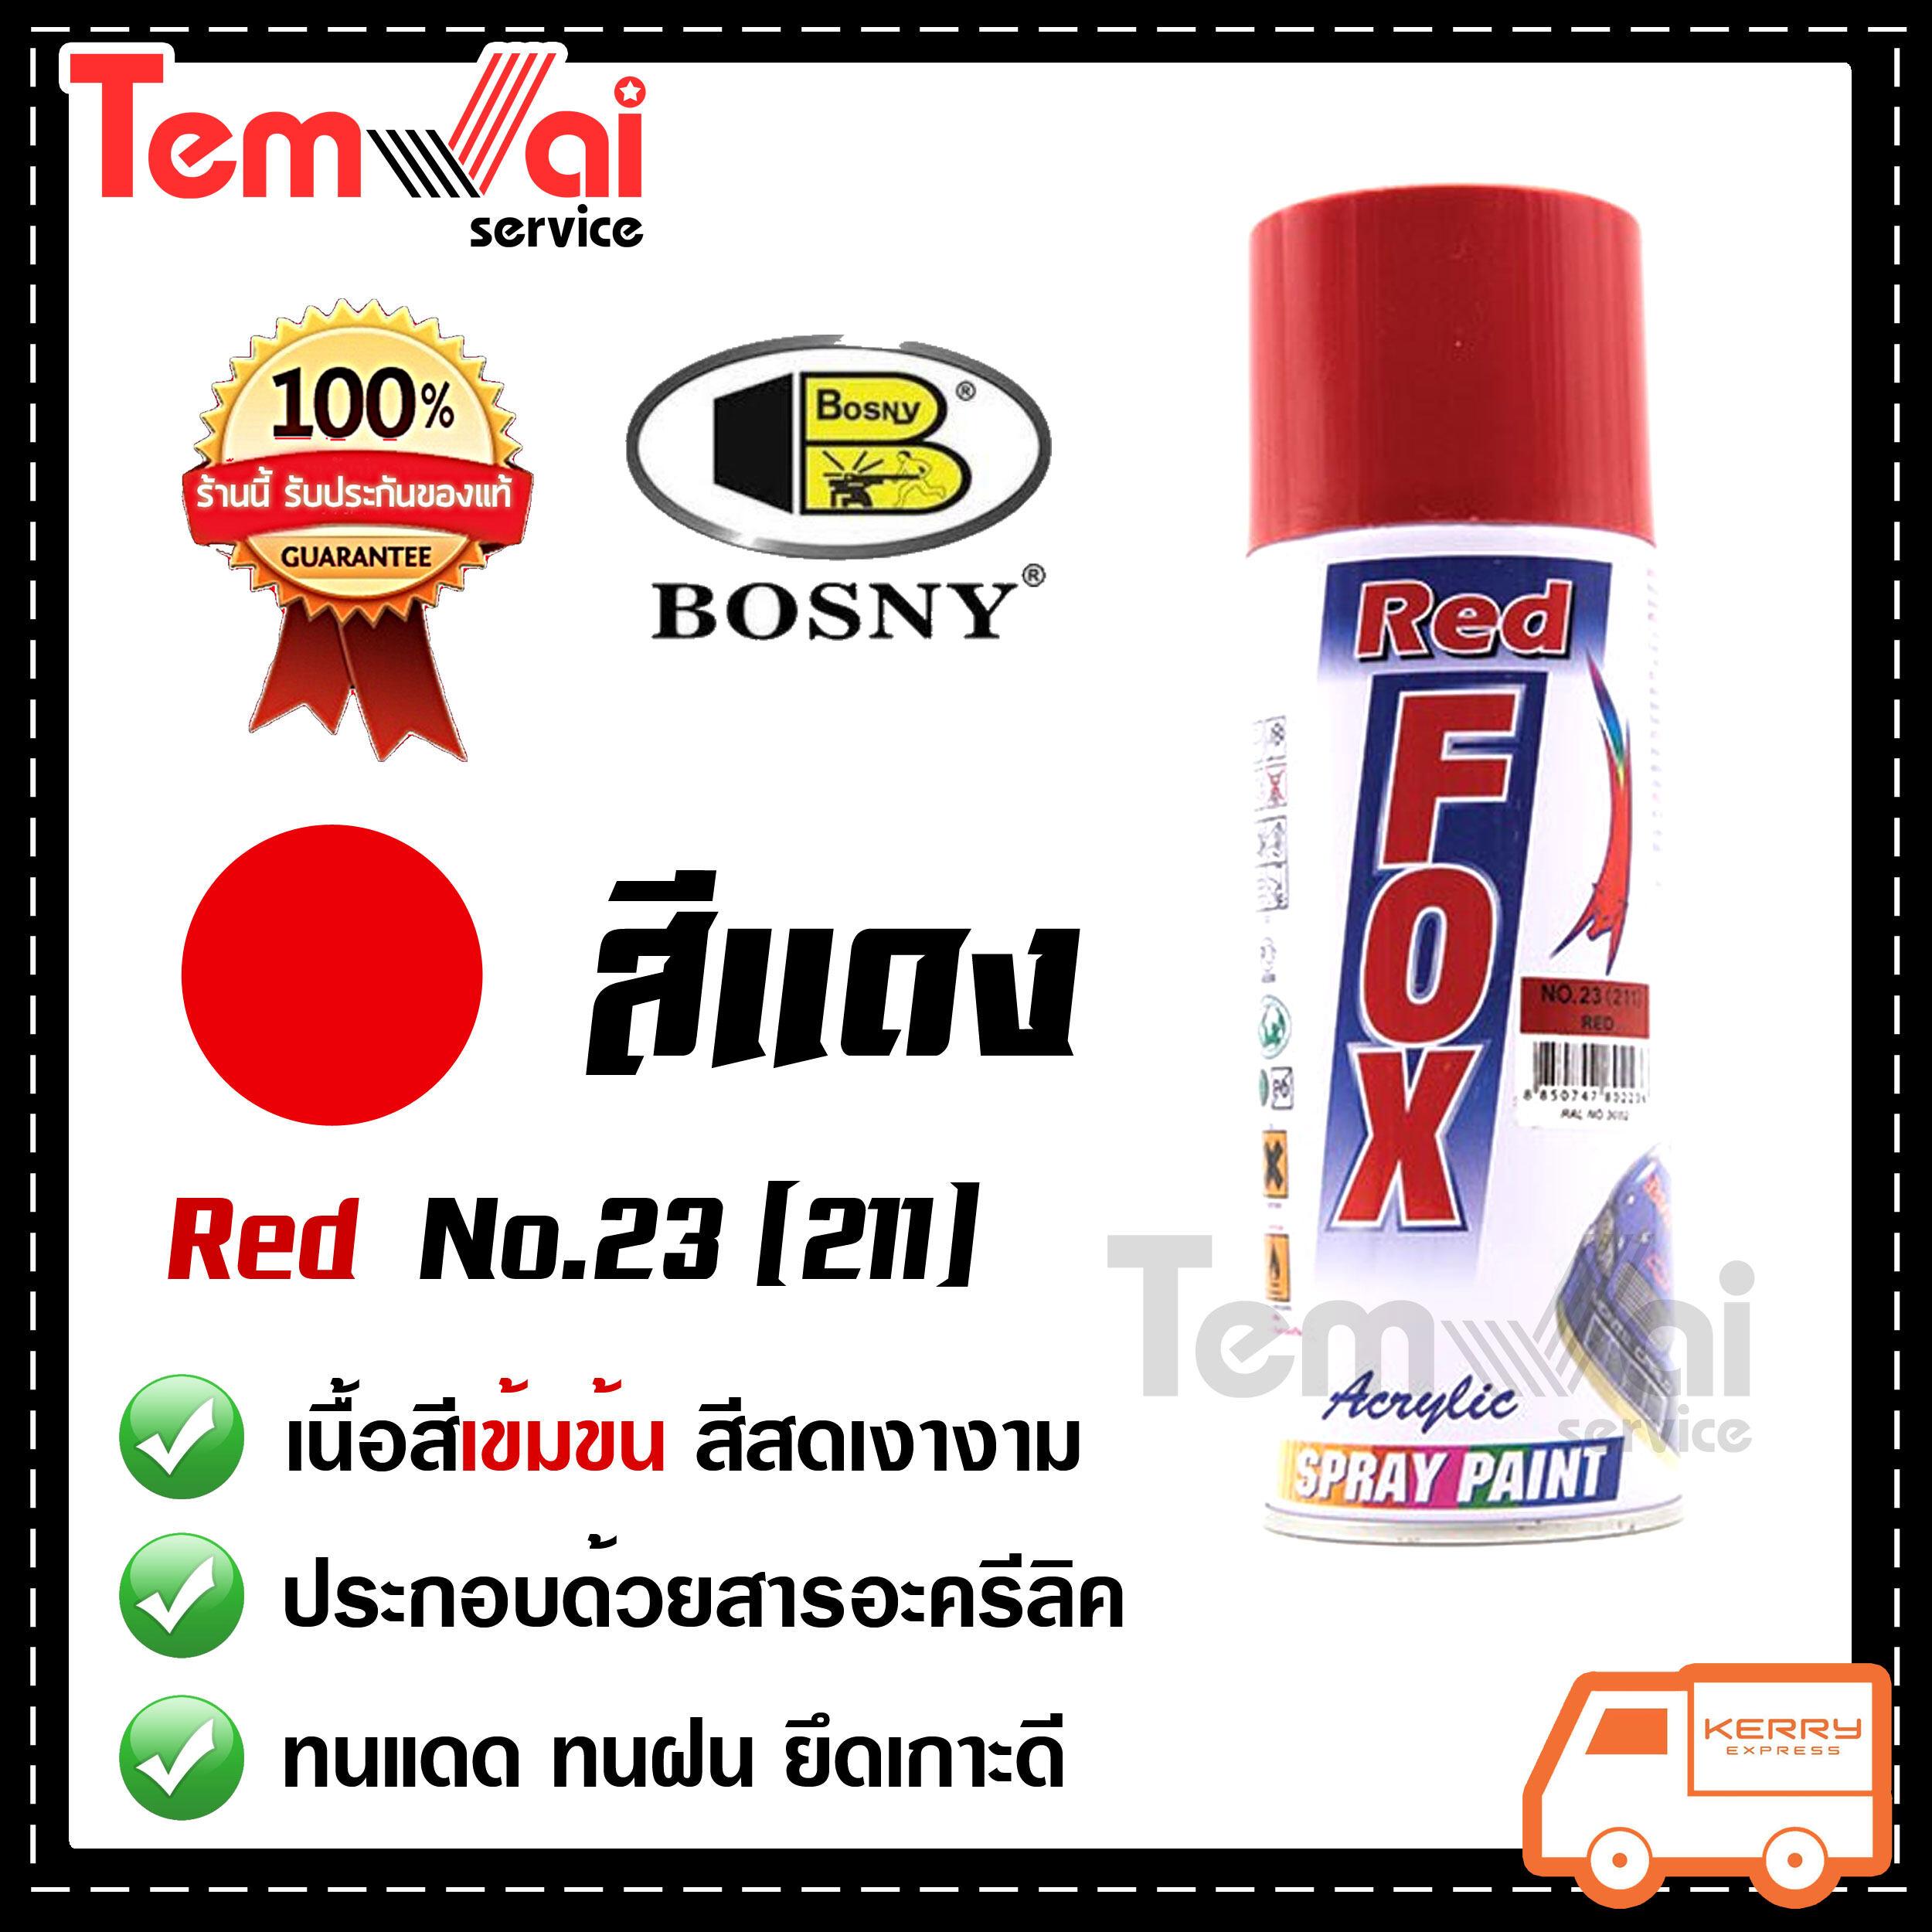 ⚡สีสเปรย์ Red Fox⚡[[ สีแดง No.23 (211) ]] ของแท้ 💯% ✨ผลิตภัณฑ์คุณภาพจาก Bosny สีสด ทนนาน✨.